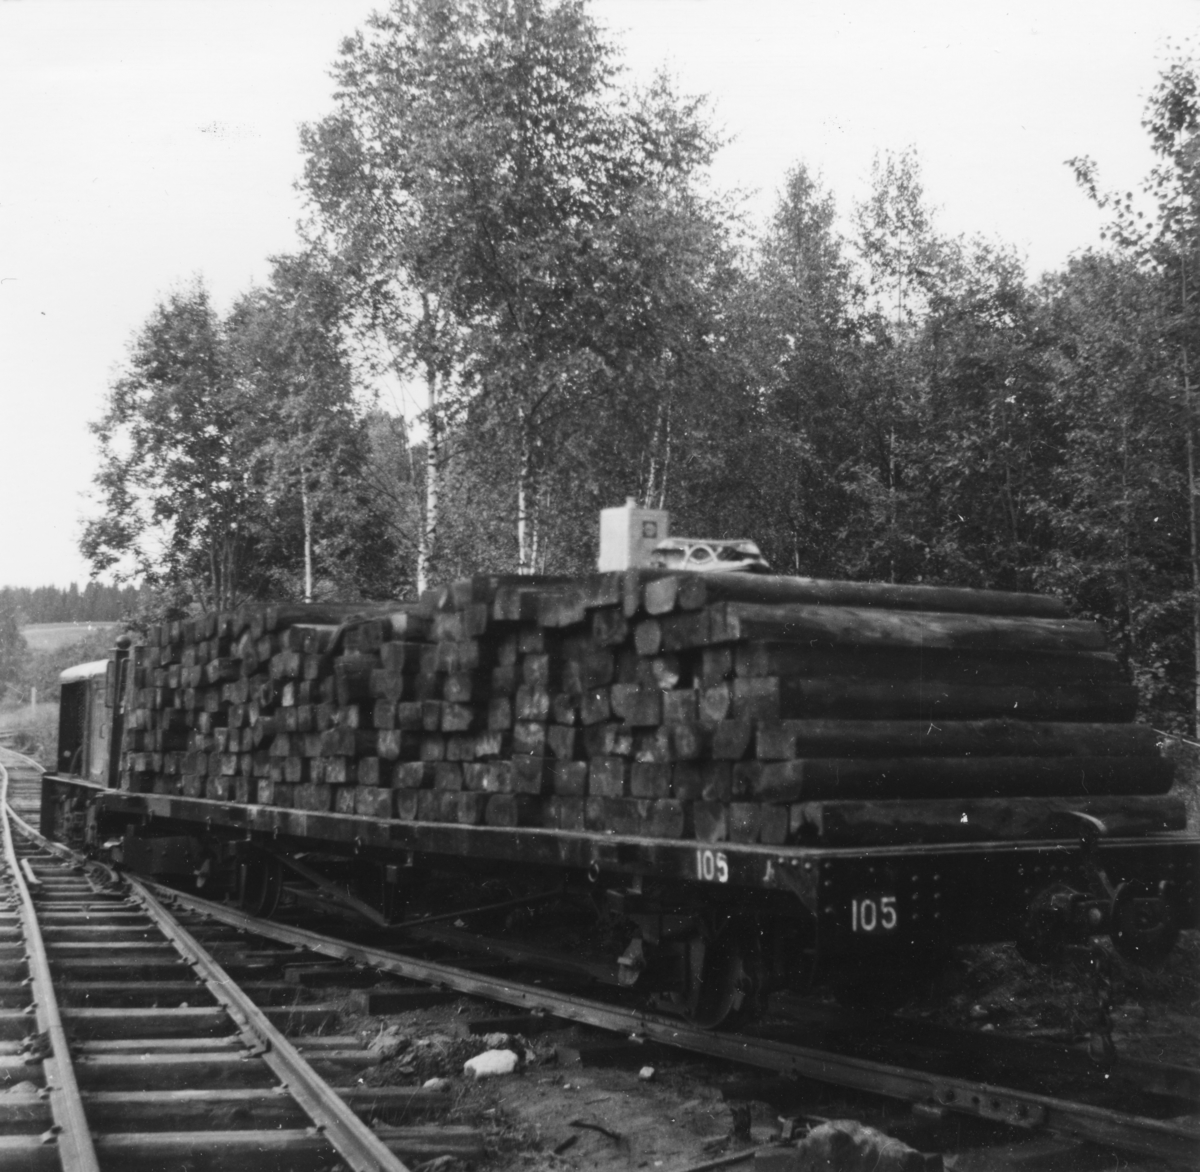 Godsvogn T 105 på Bingsfoss stasjon, fullastet med sviller som skal benyttes til bygging av kryssingsspor.